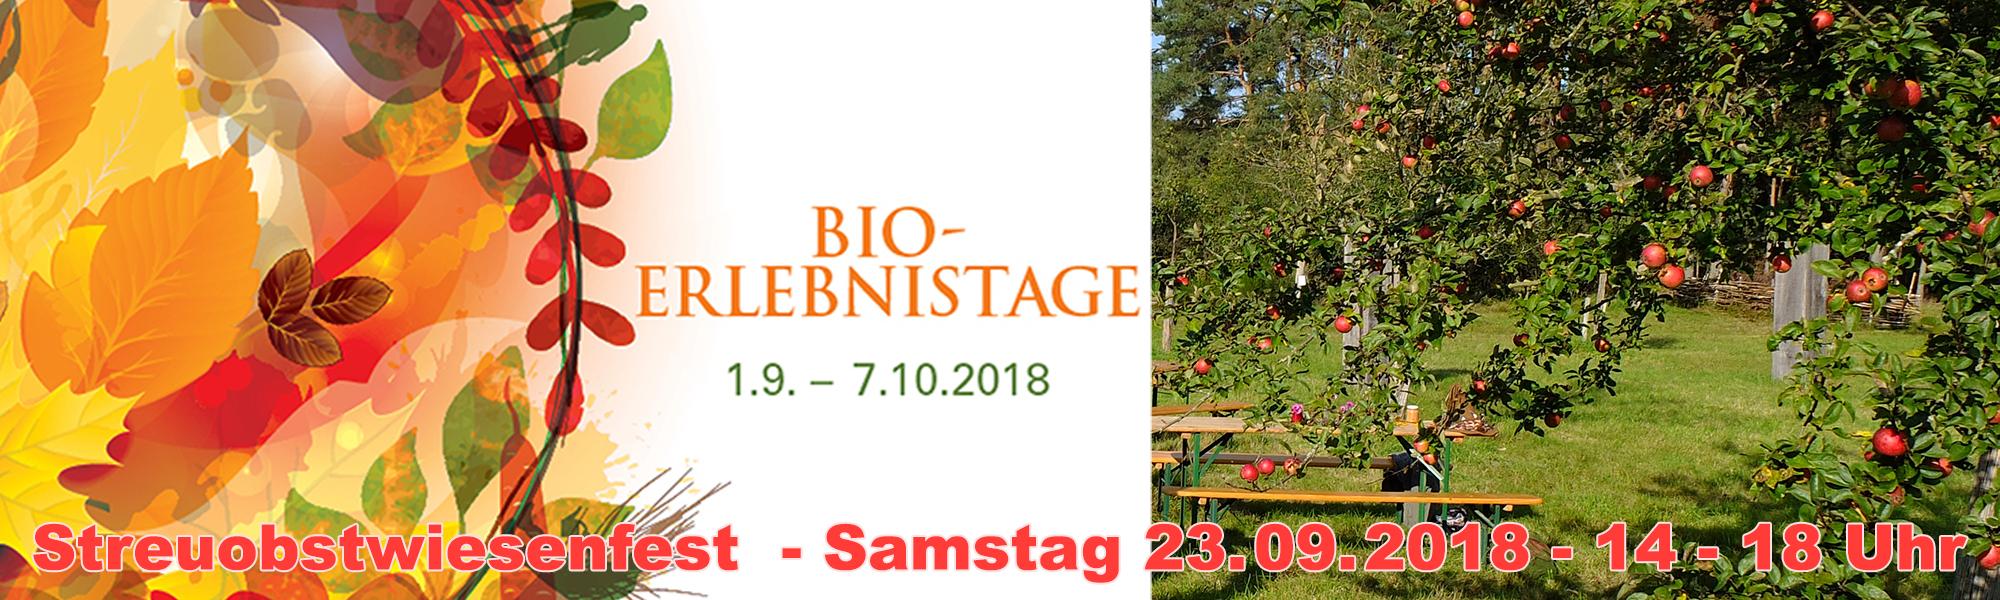 Streuobstwiesenfest - Barthelmesaurach